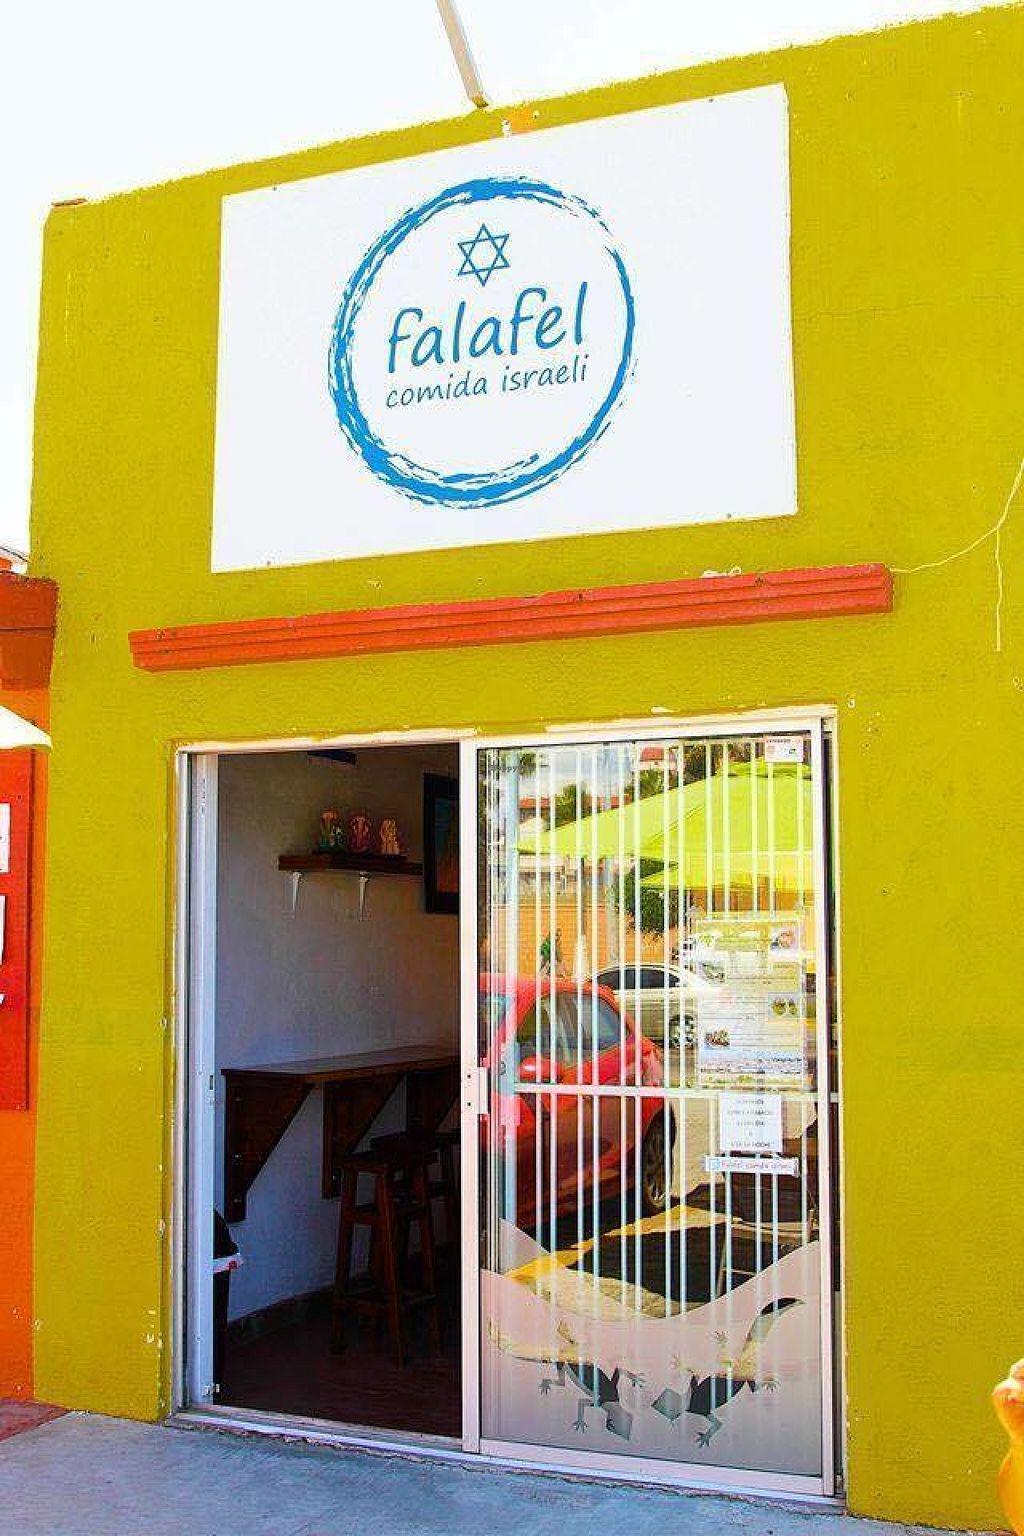 """Photo of Falafel Comida Israeli  by <a href=""""/members/profile/community"""">community</a> <br/>Falafel Comida Israeli <br/> July 15, 2016  - <a href='/contact/abuse/image/76257/160133'>Report</a>"""